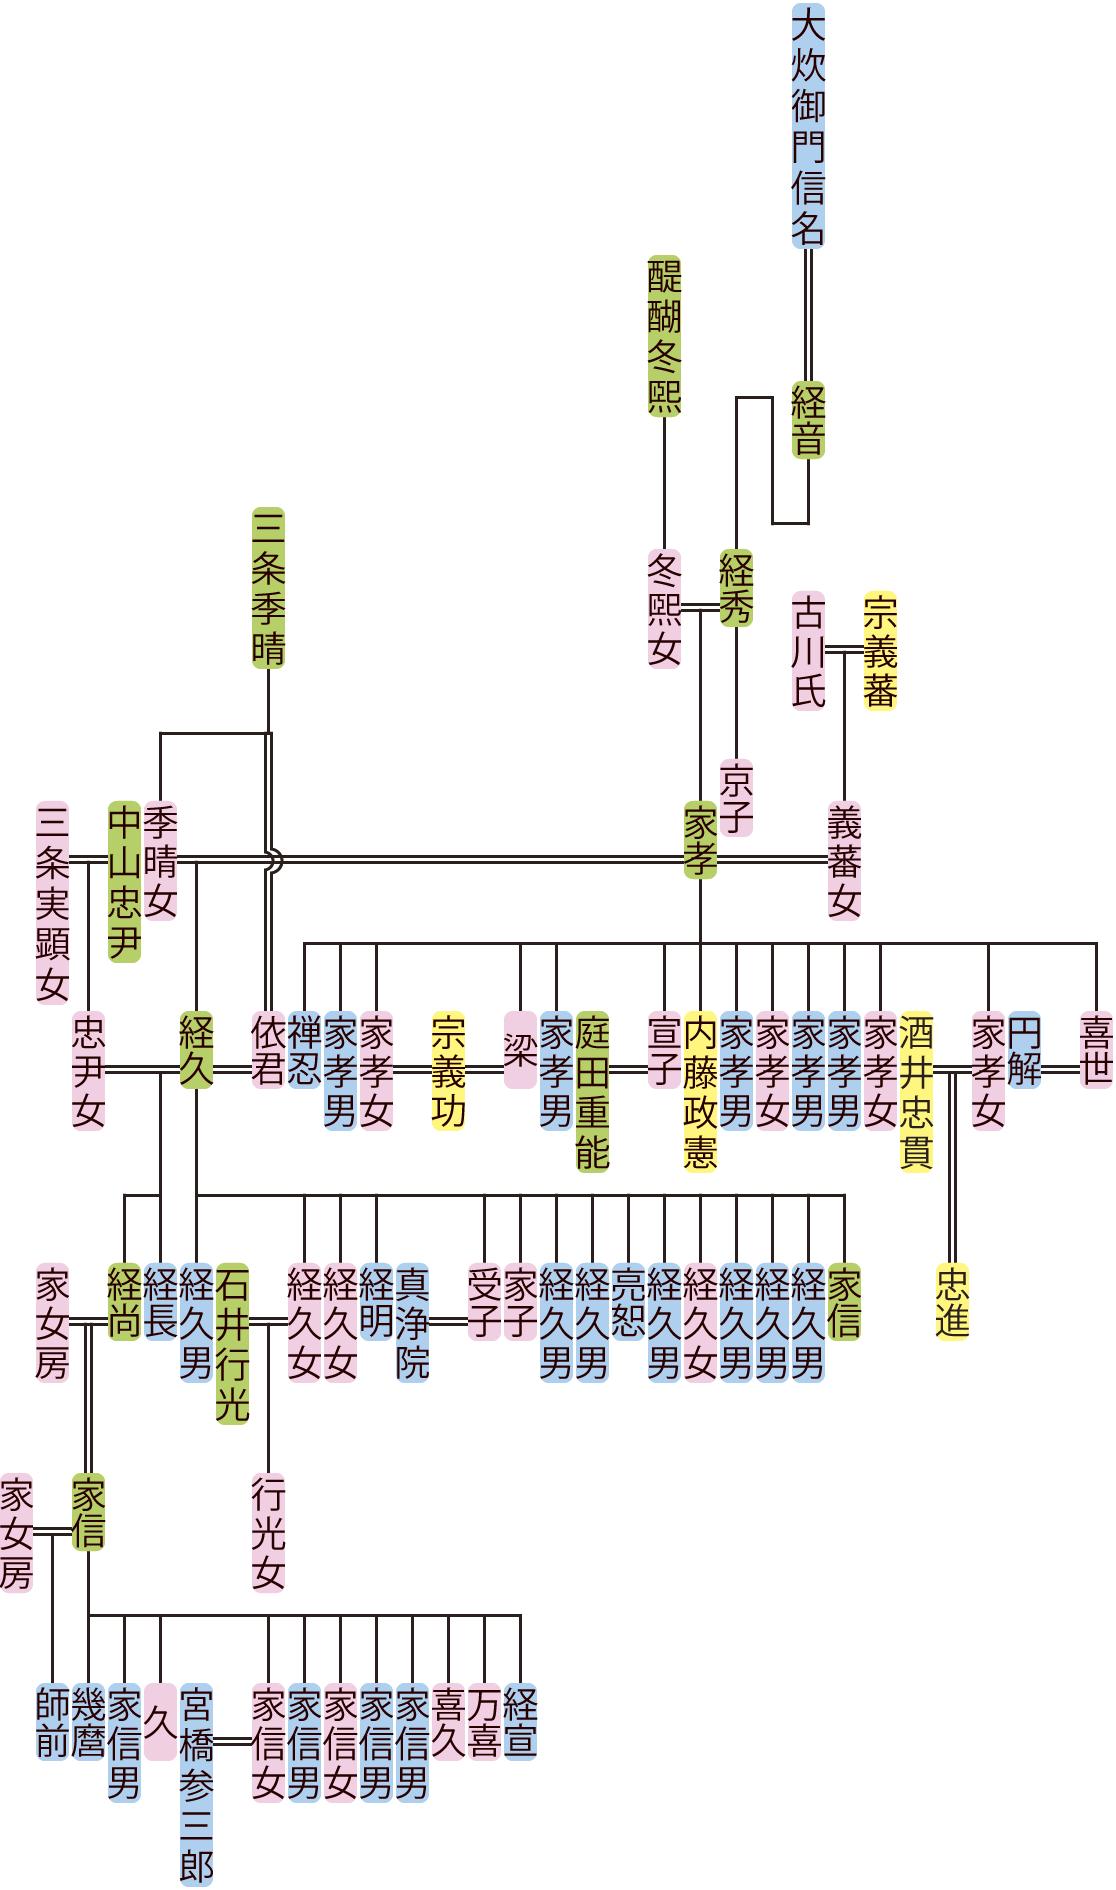 大炊御門経秀~師前の系図